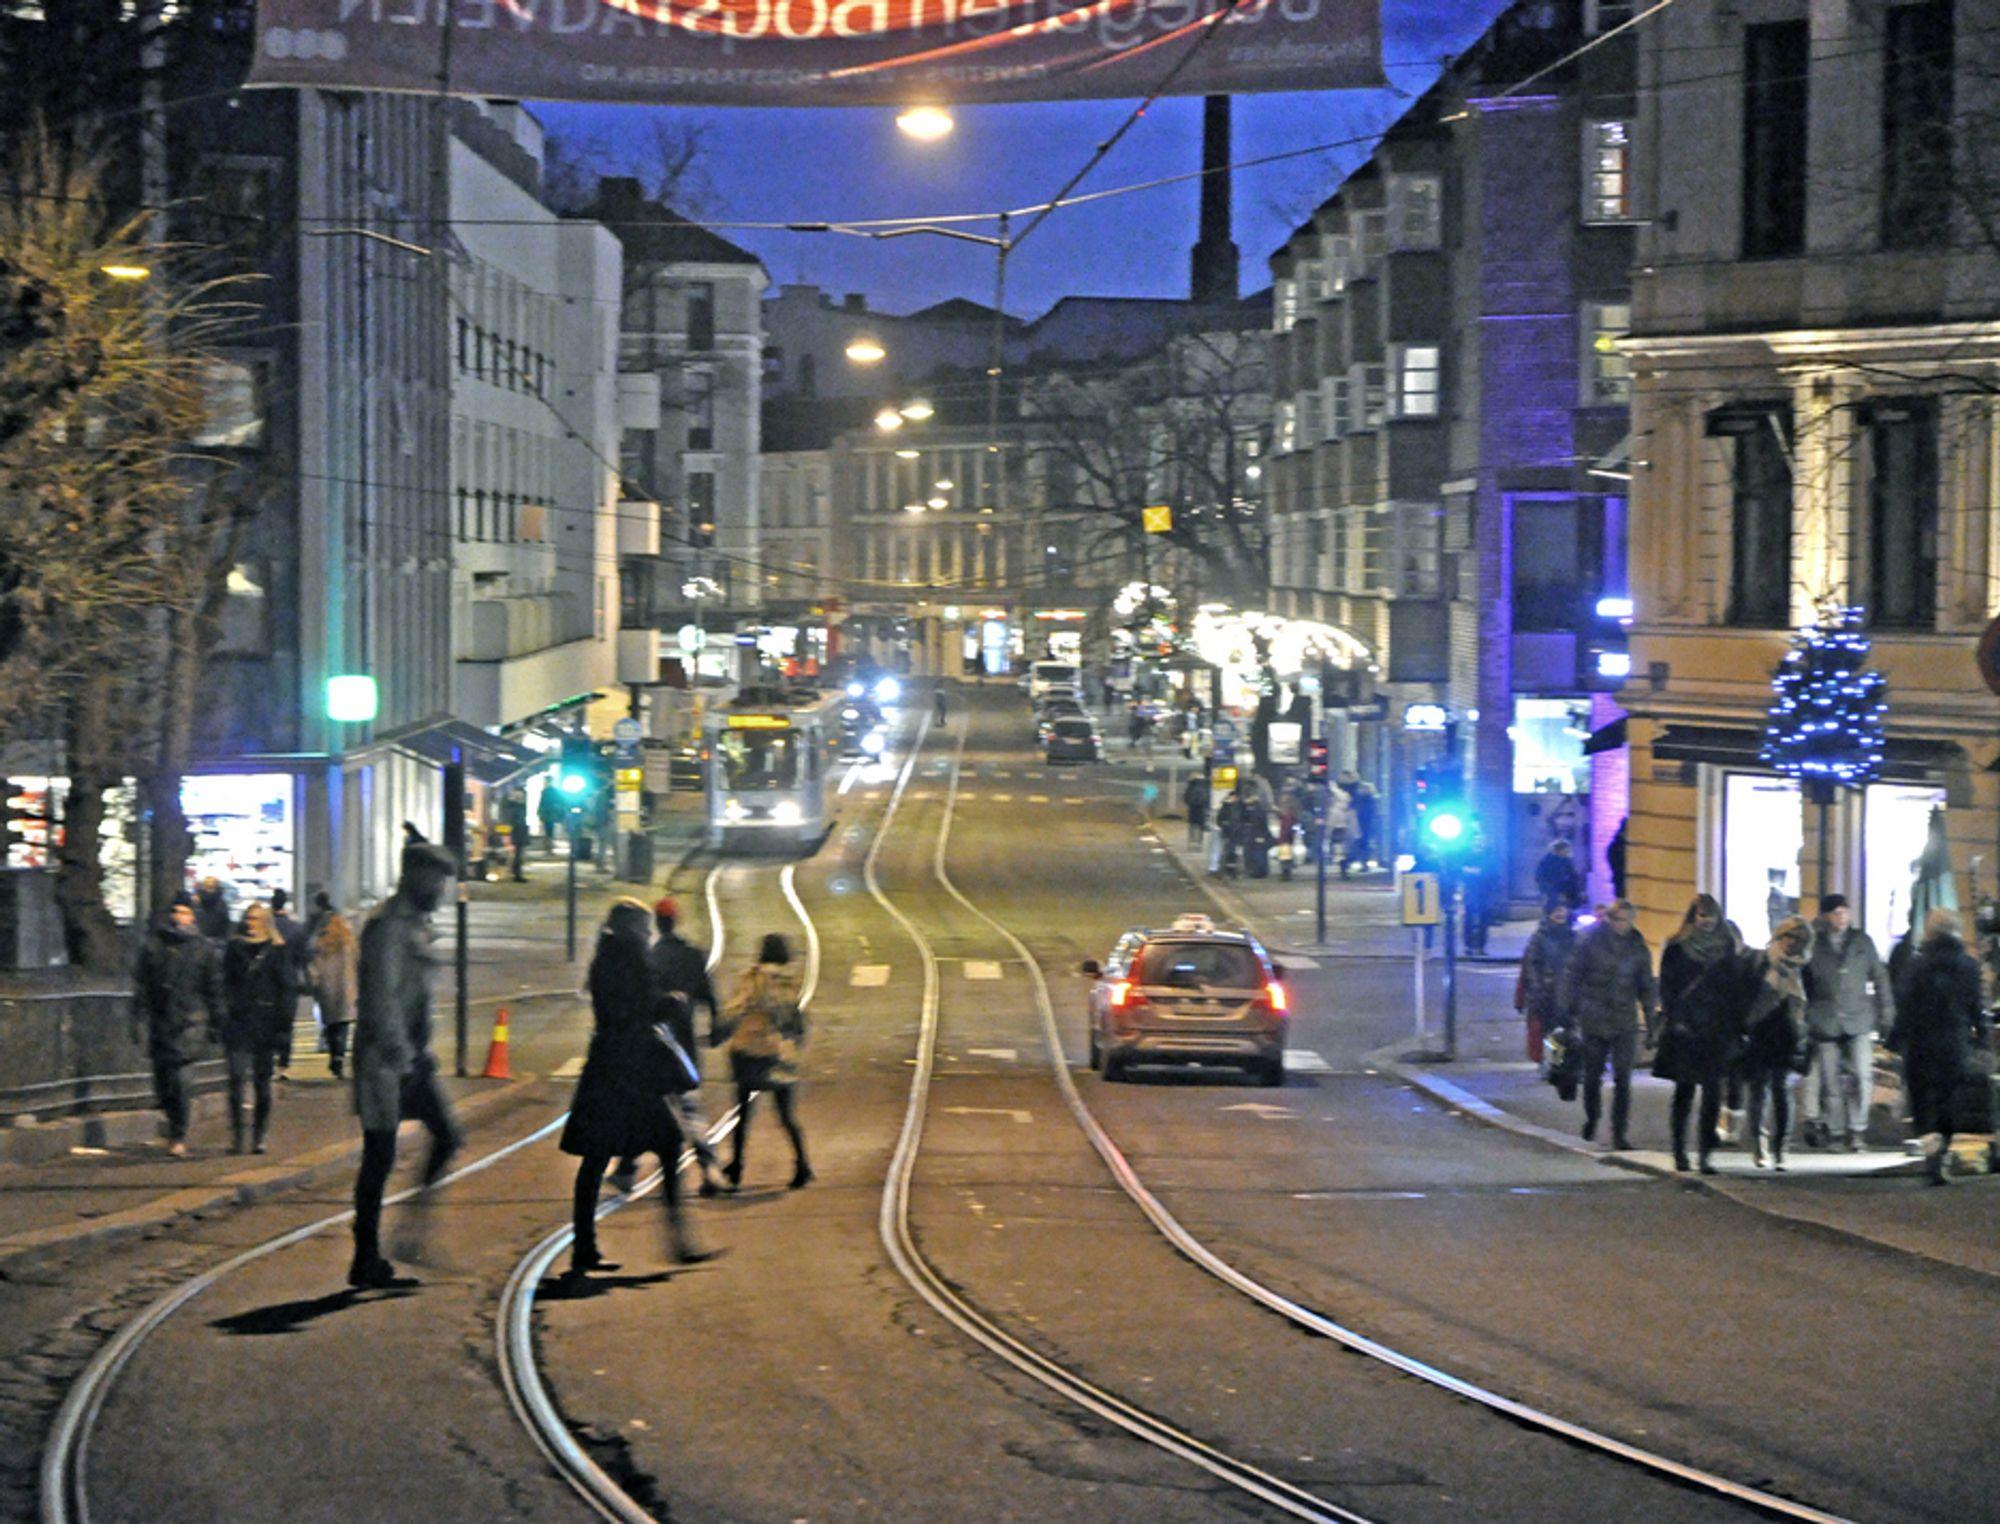 Fortauene langs Hegdehaugsveien og Bogstadveien har ikke en bredde som står i forhold til trafikken. Kjørebanen blir brukt flittig av fotgjengerne. Om vel 10 måneder blir det mye bedre.